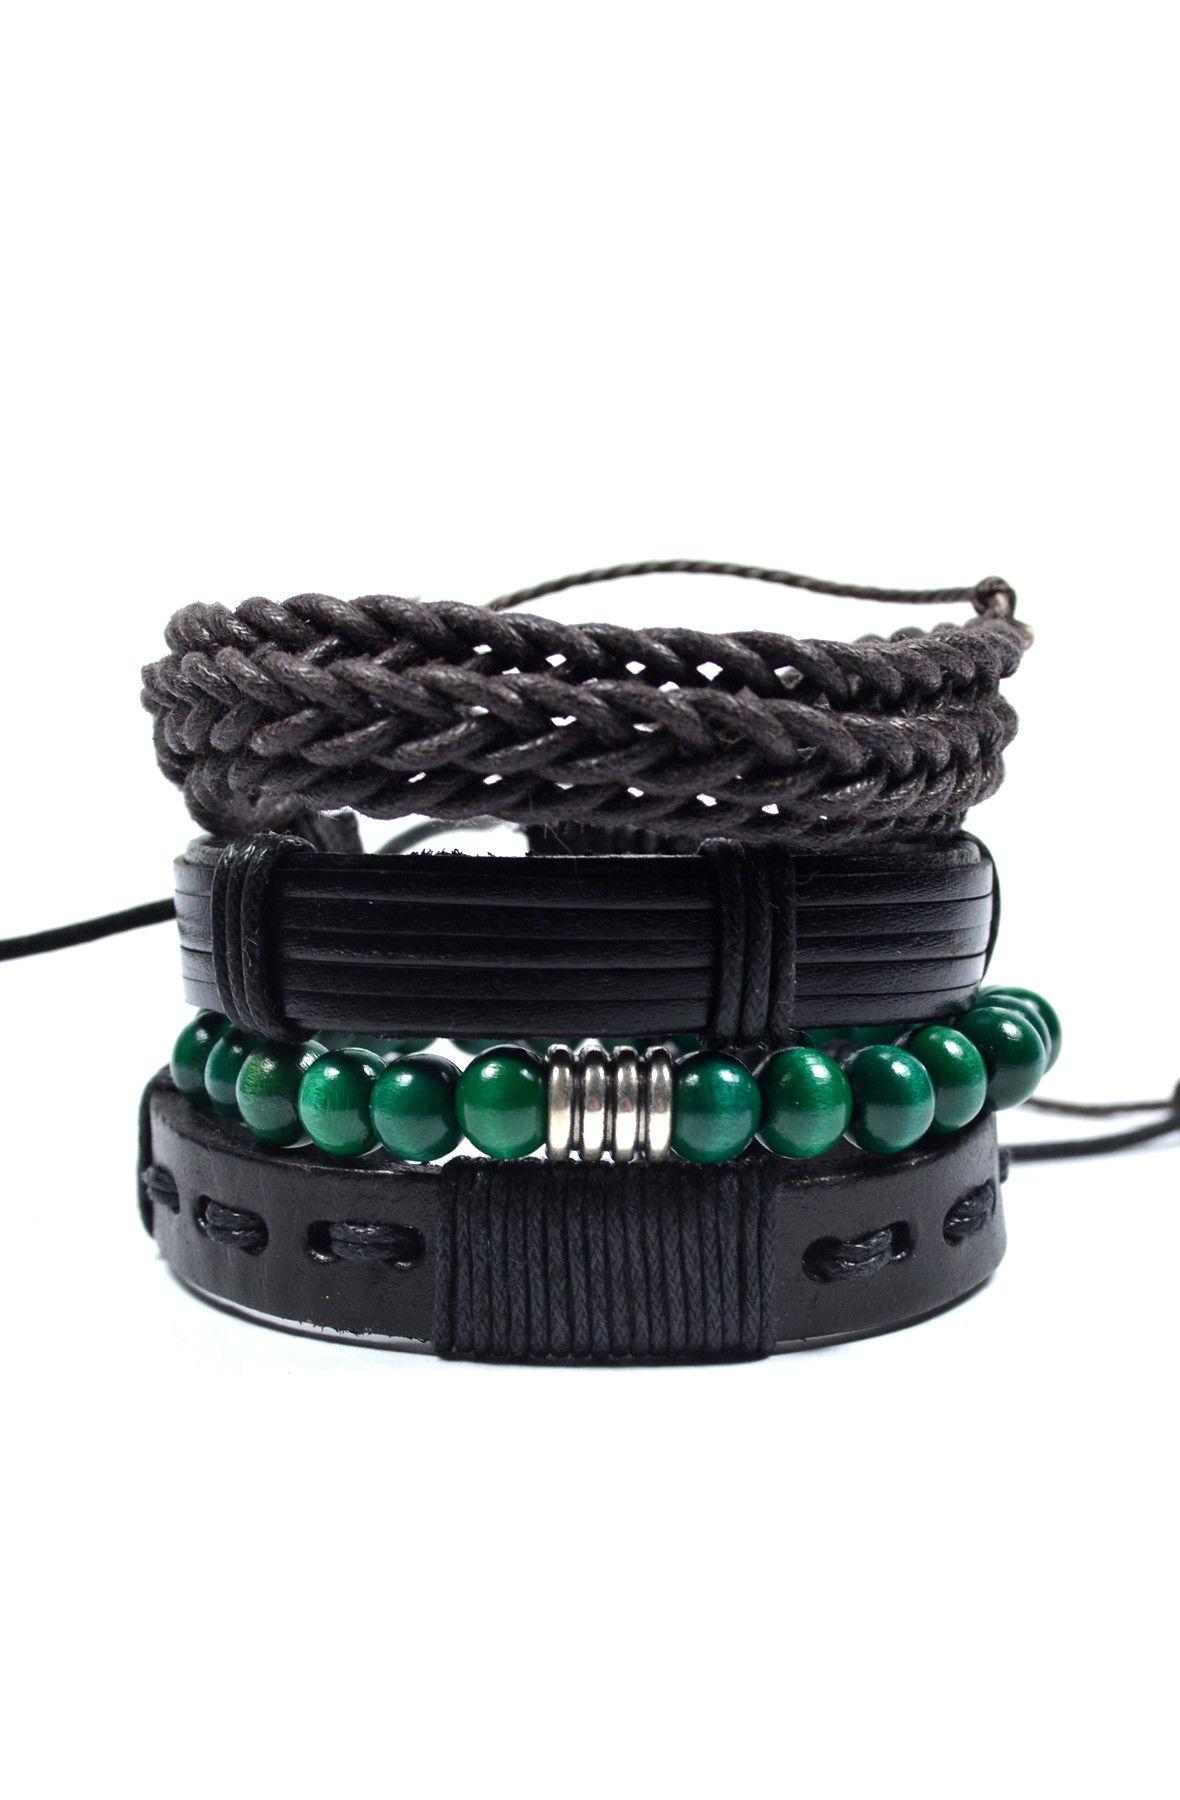 Image of 4 Pack Green and Black Men's Bracelet Set